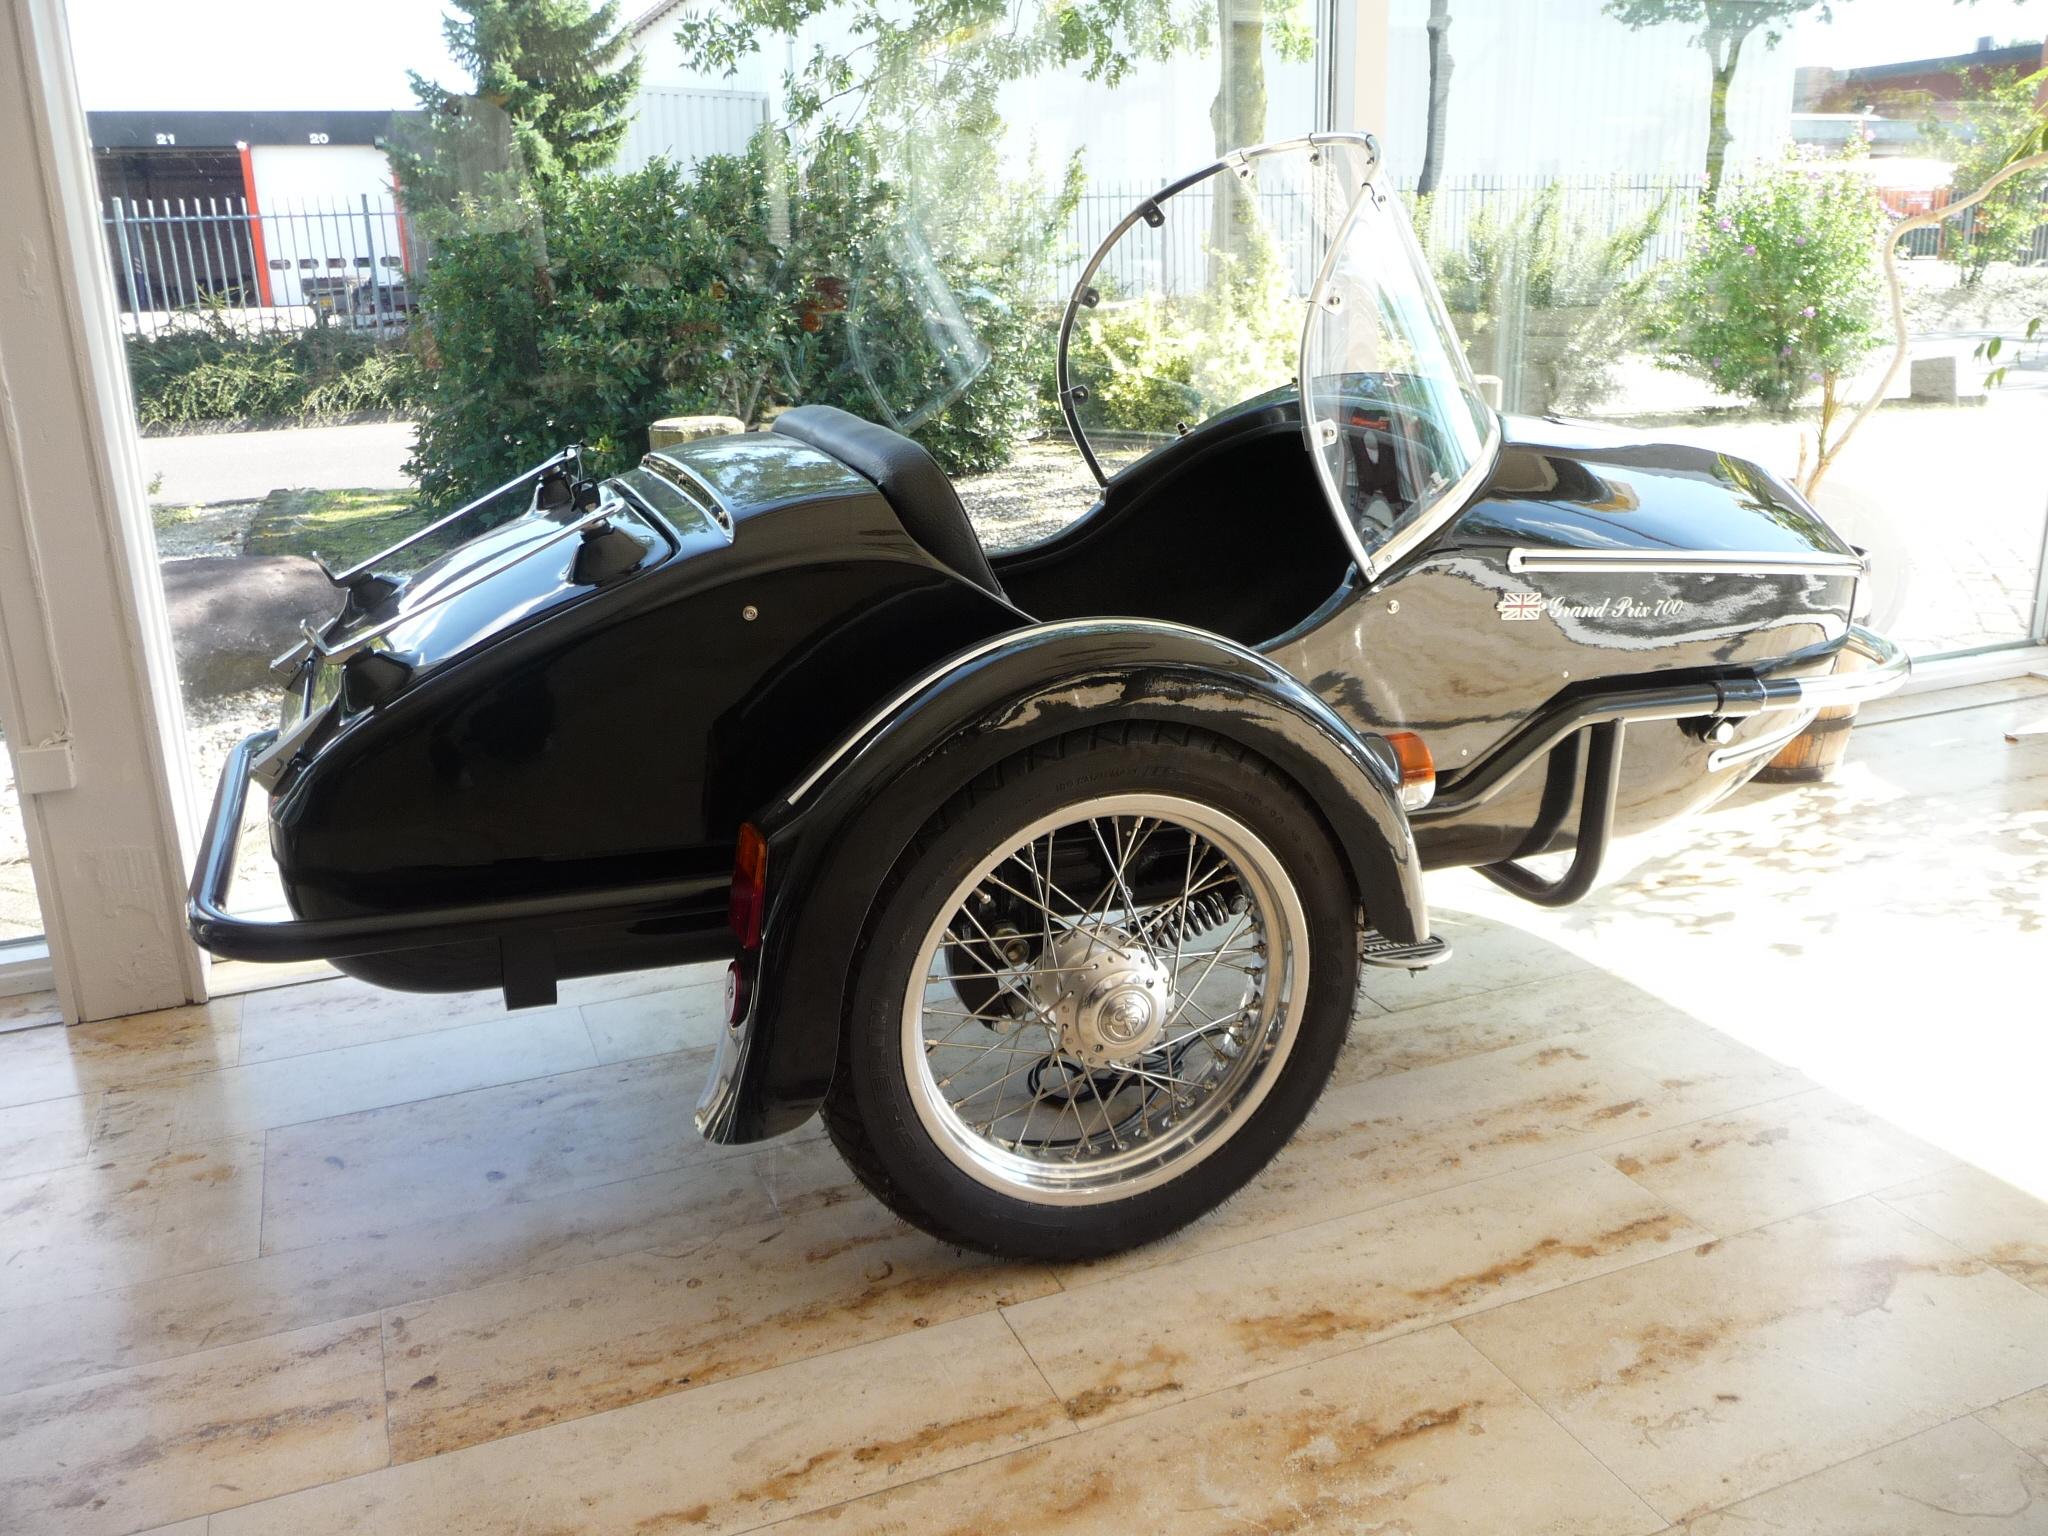 Watsonian sidecar GP Jubilee 700